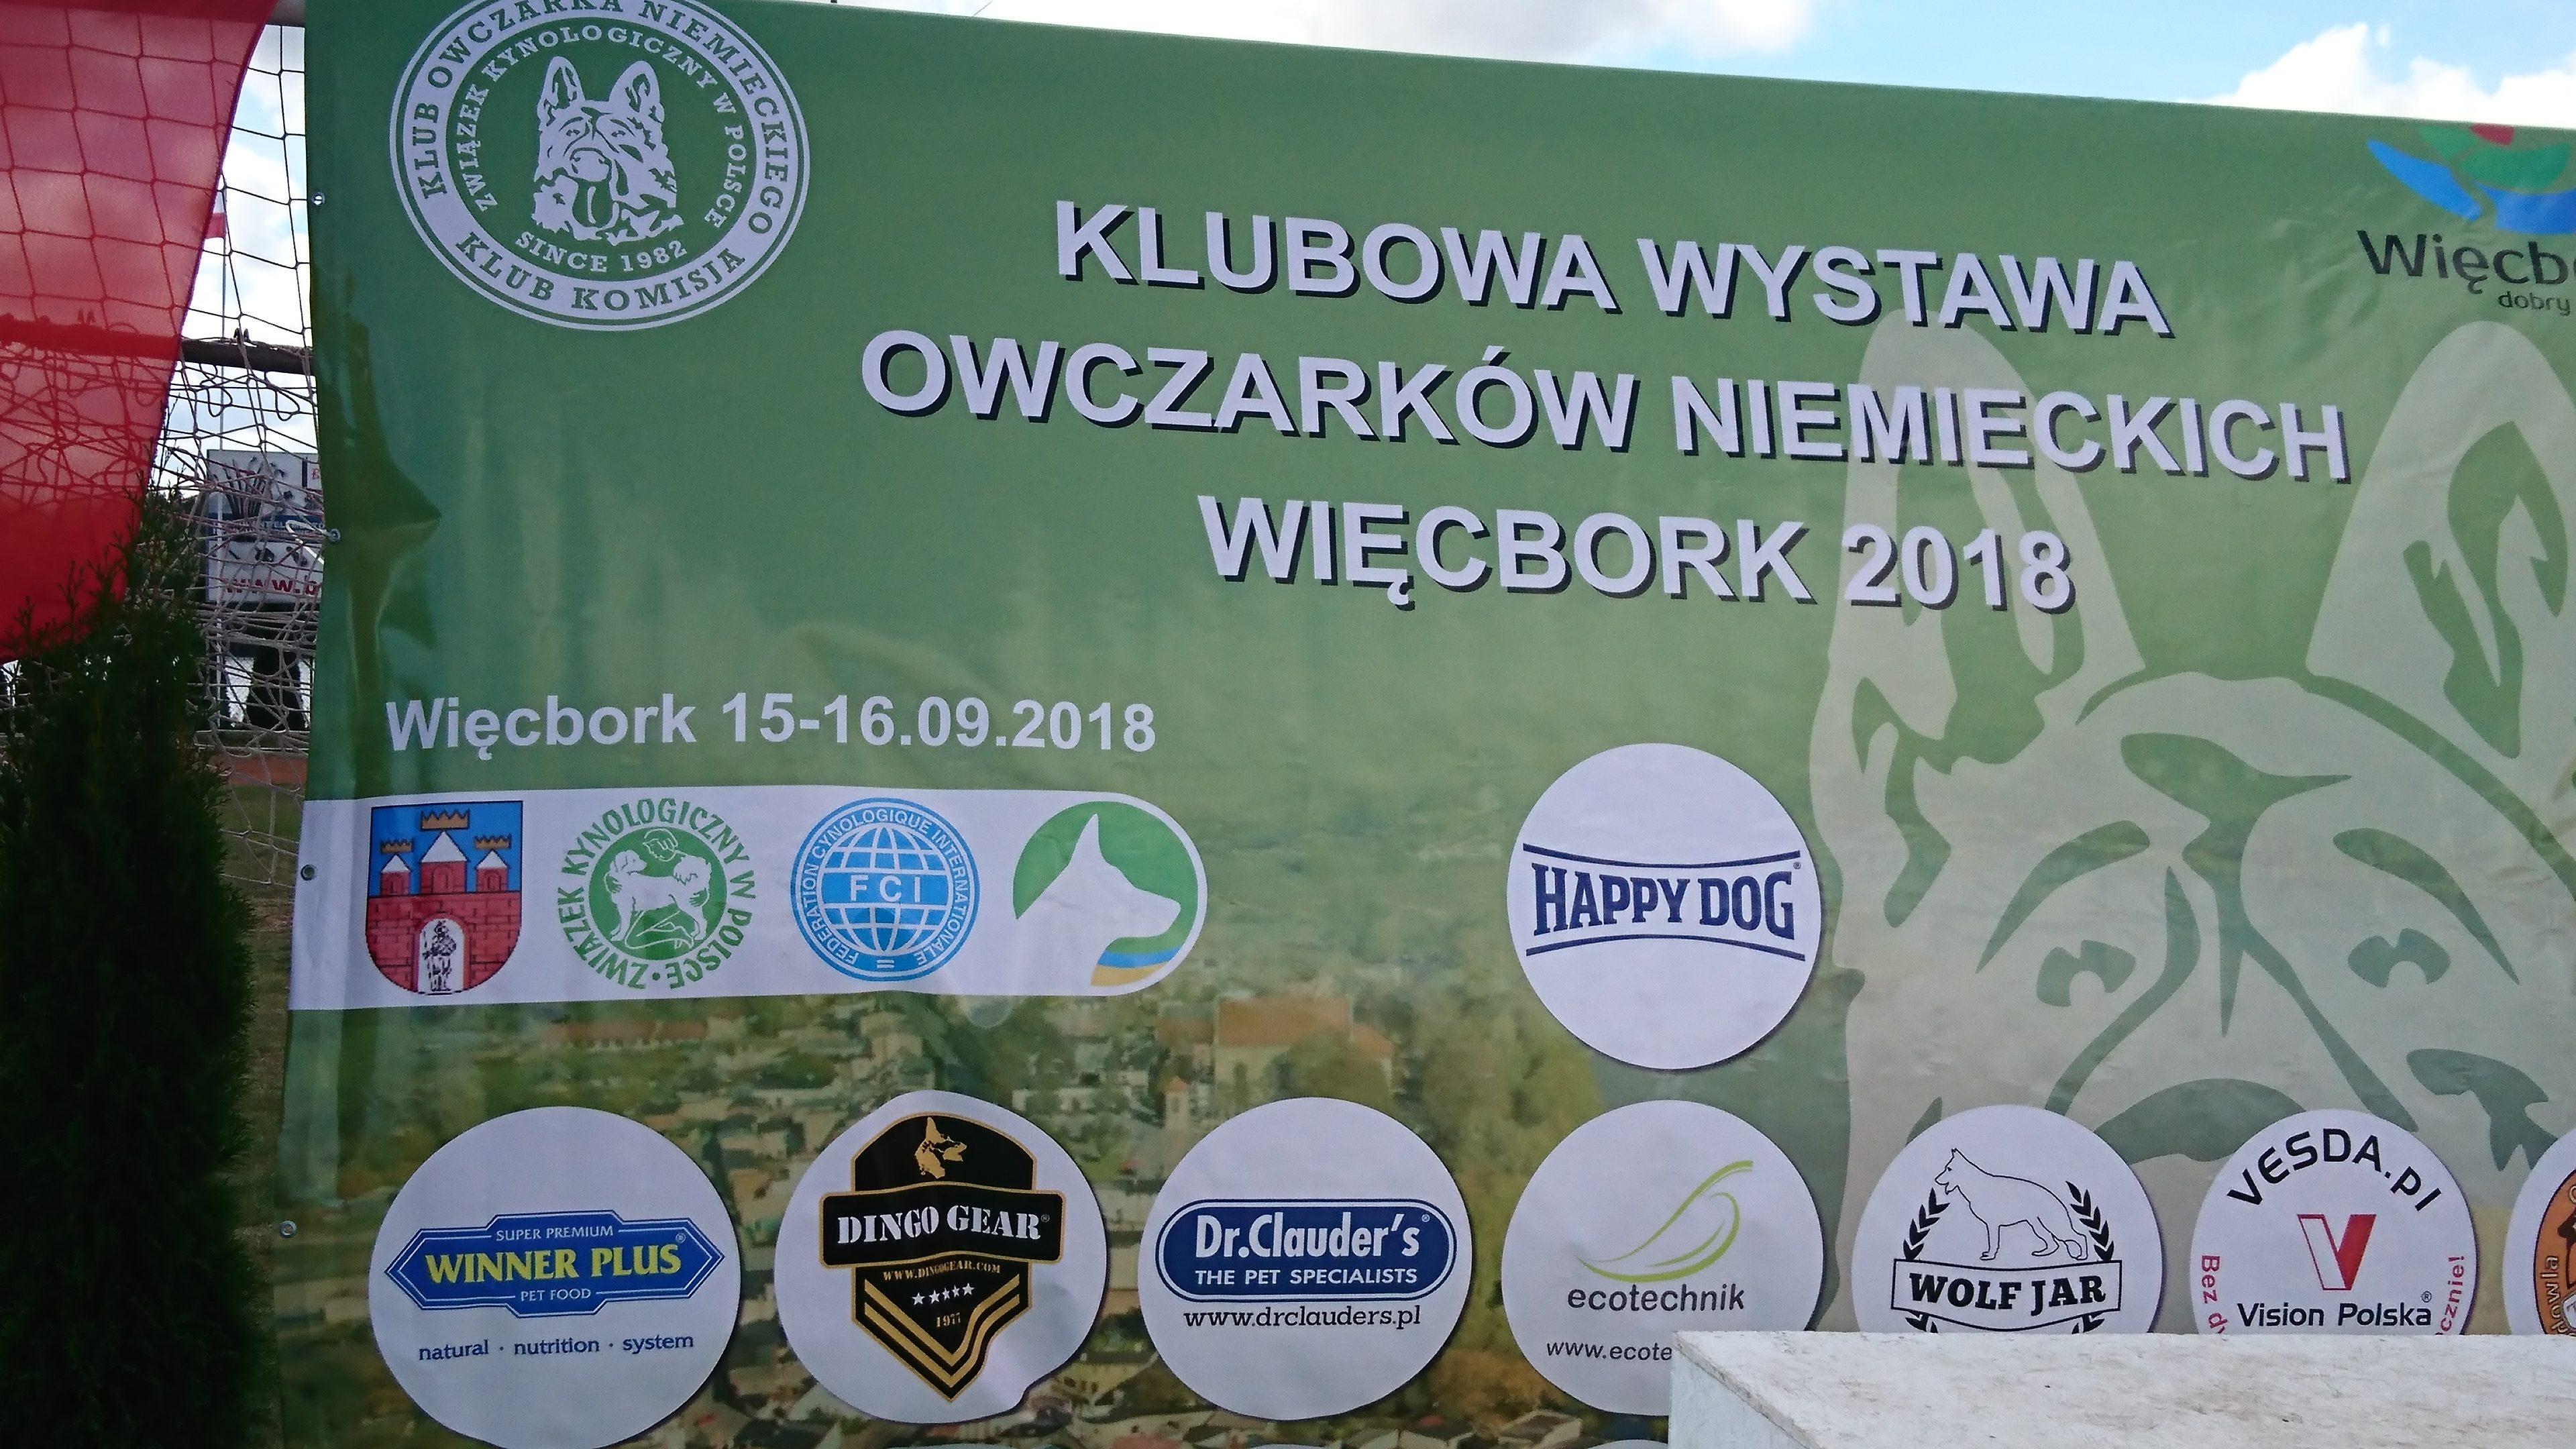 Klubowa Wystawa Owczarków Niemieckich 15-16.09.2018r Więcbork